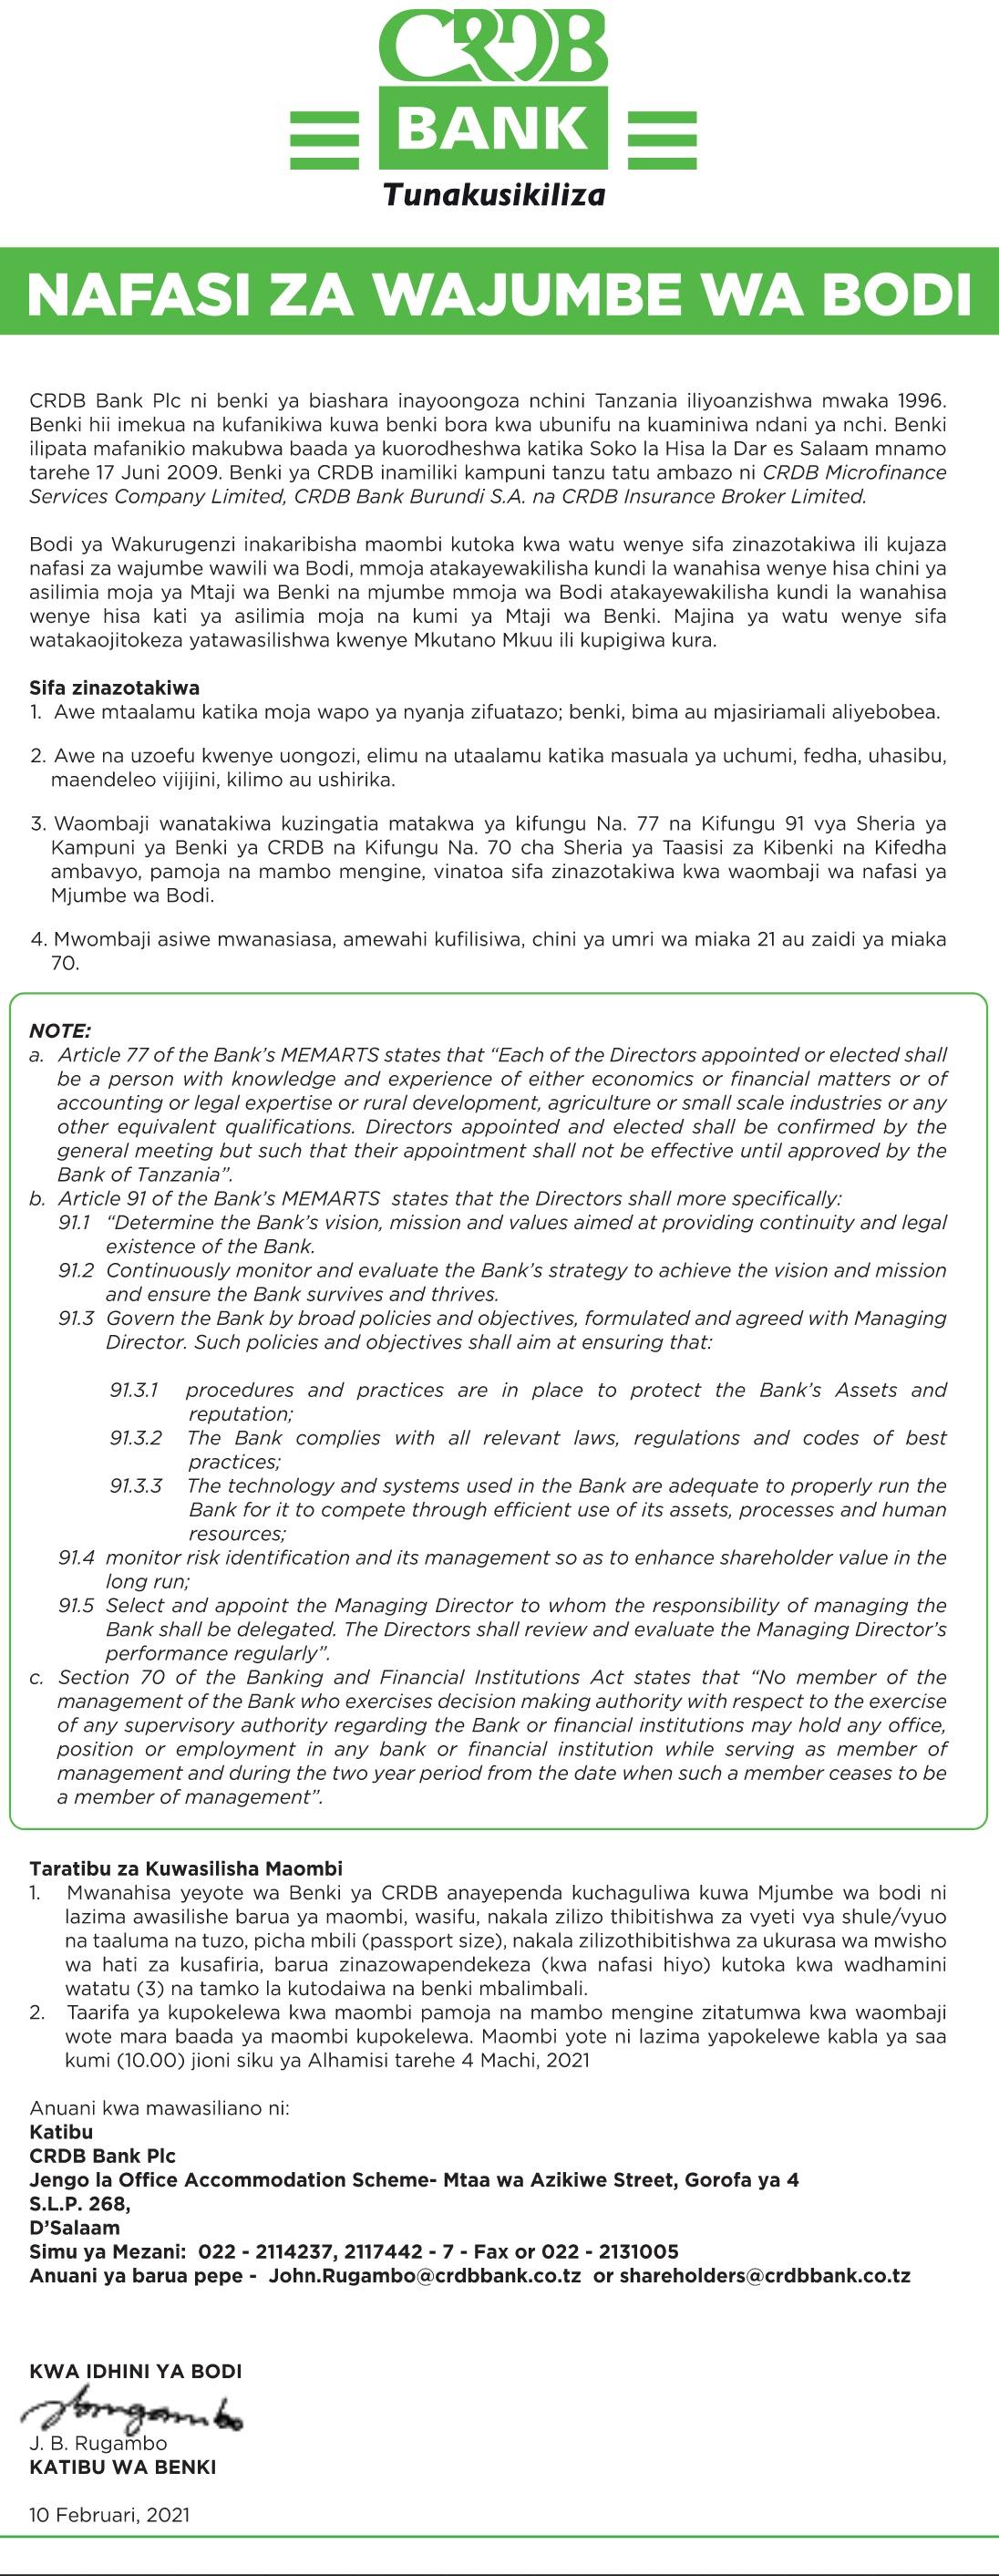 Jobs at CRDB Bank at February 2021